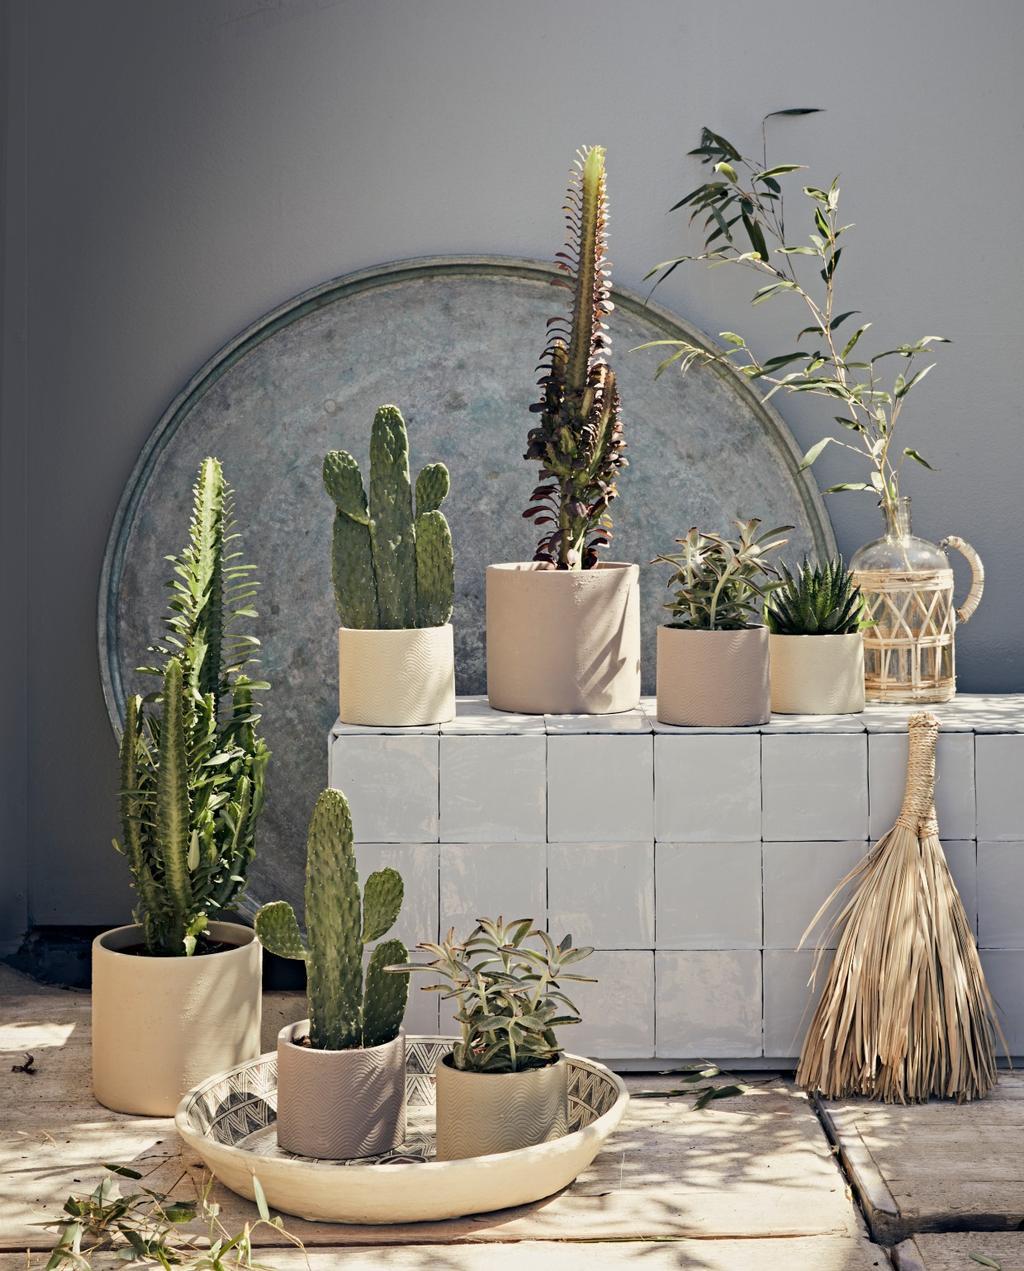 vtwonen styling 06-2020 strand ajuma wit betegelde muur met cactussen